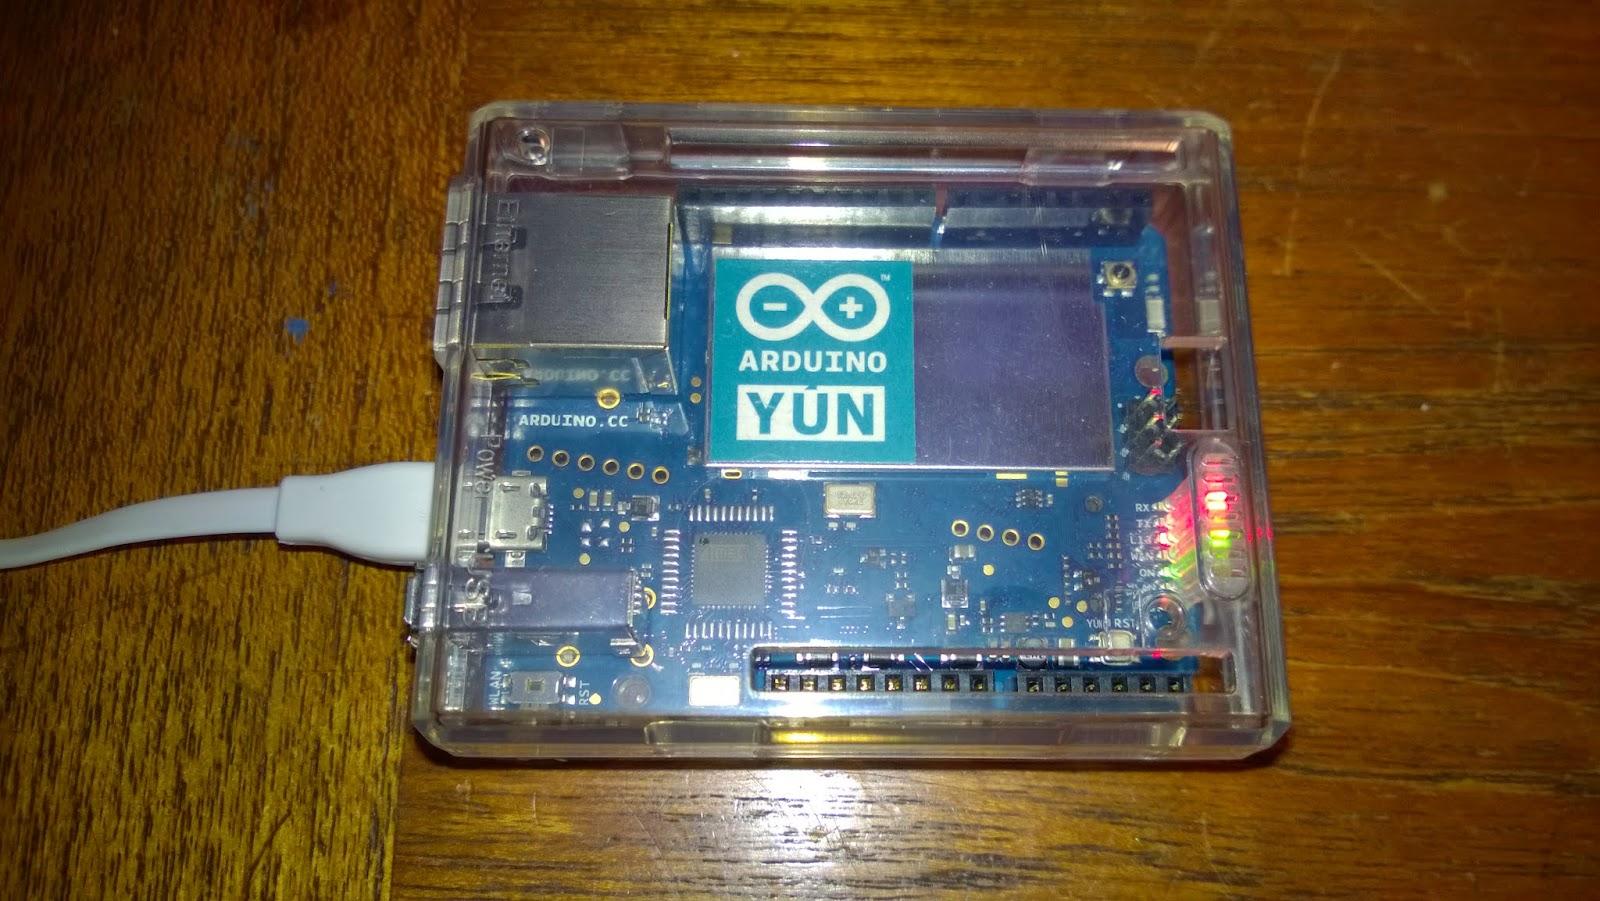 GitHub - pubnub/pubnub-arduino-yun: PubNub